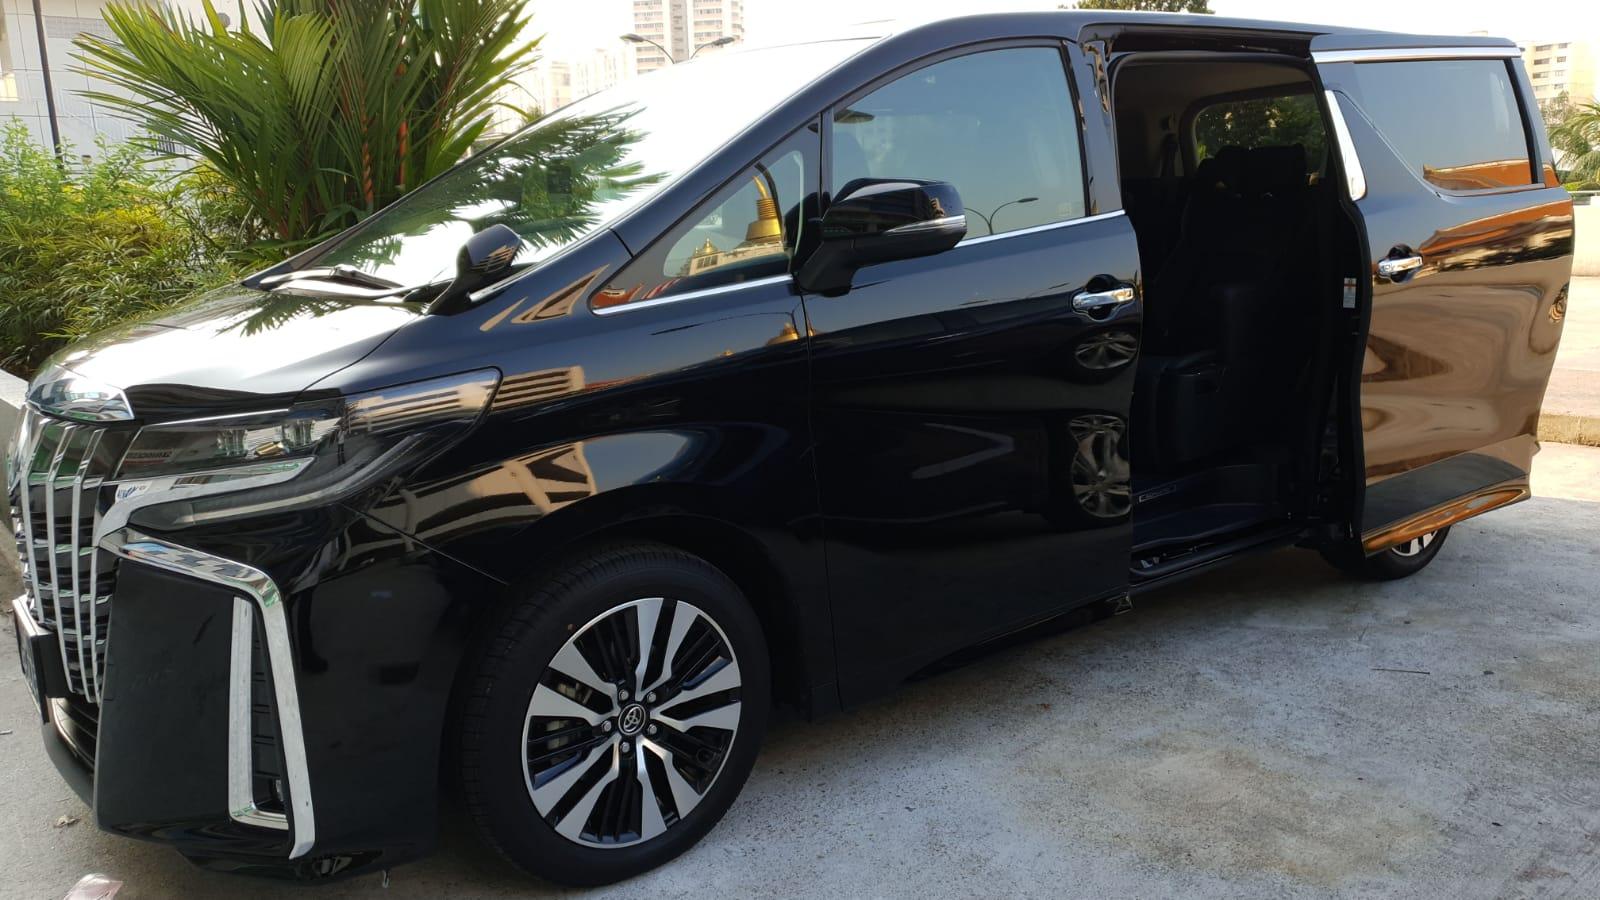 Maxi Cab Limousine Services Singapore